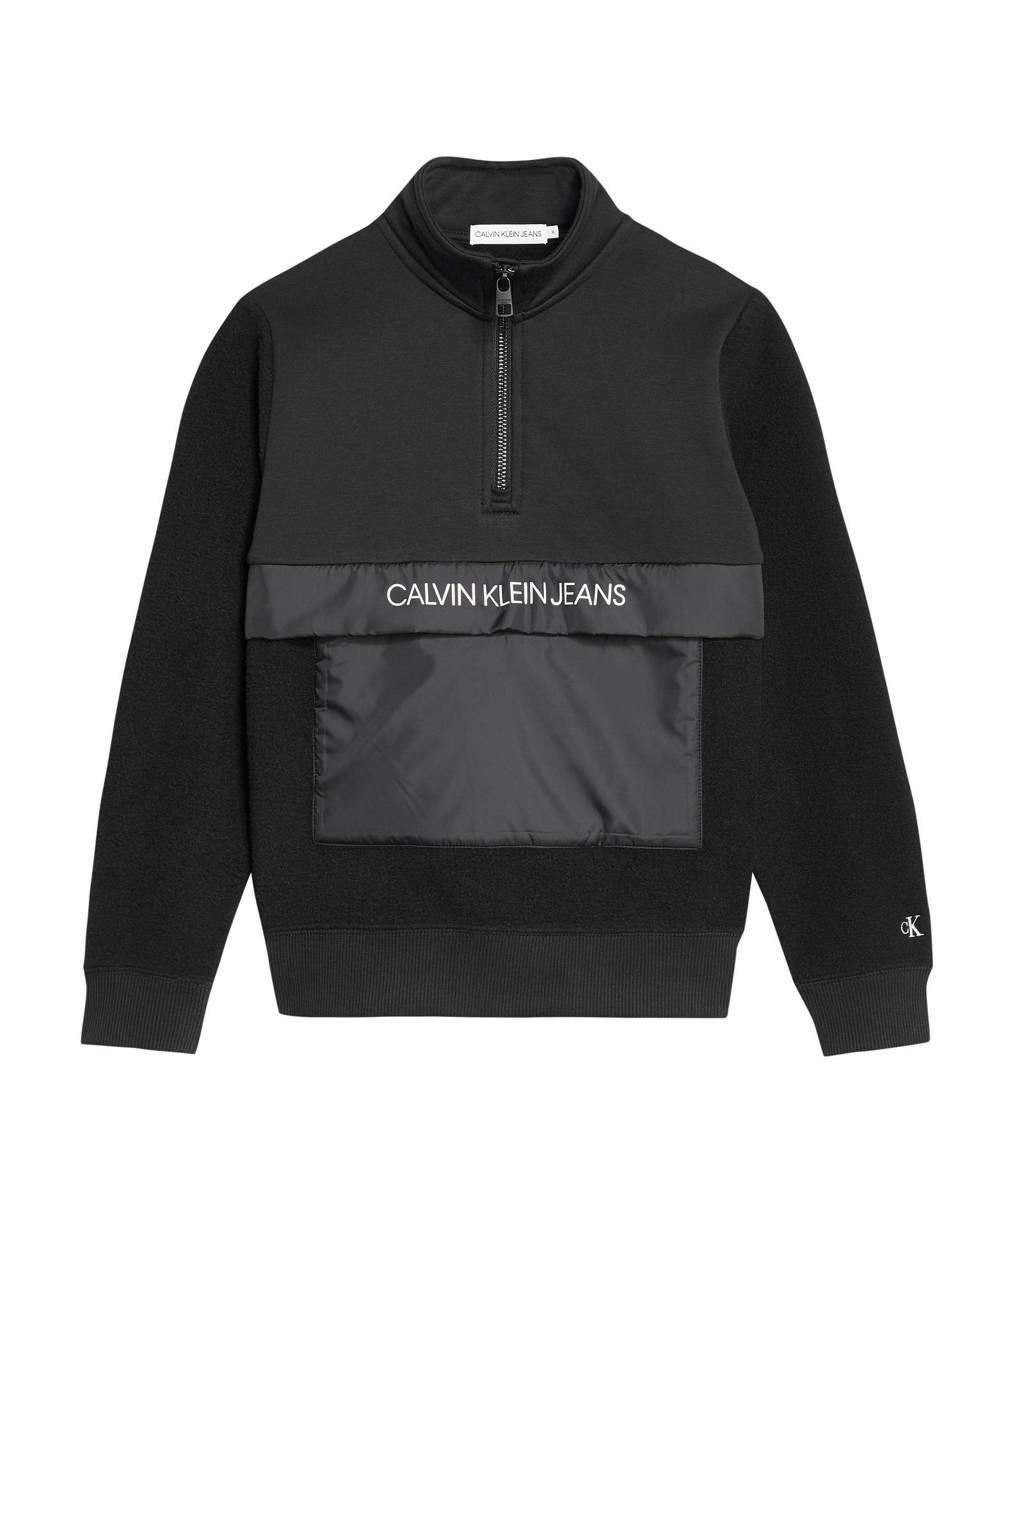 CALVIN KLEIN JEANS fleece sweater met logo zwart, Zwart